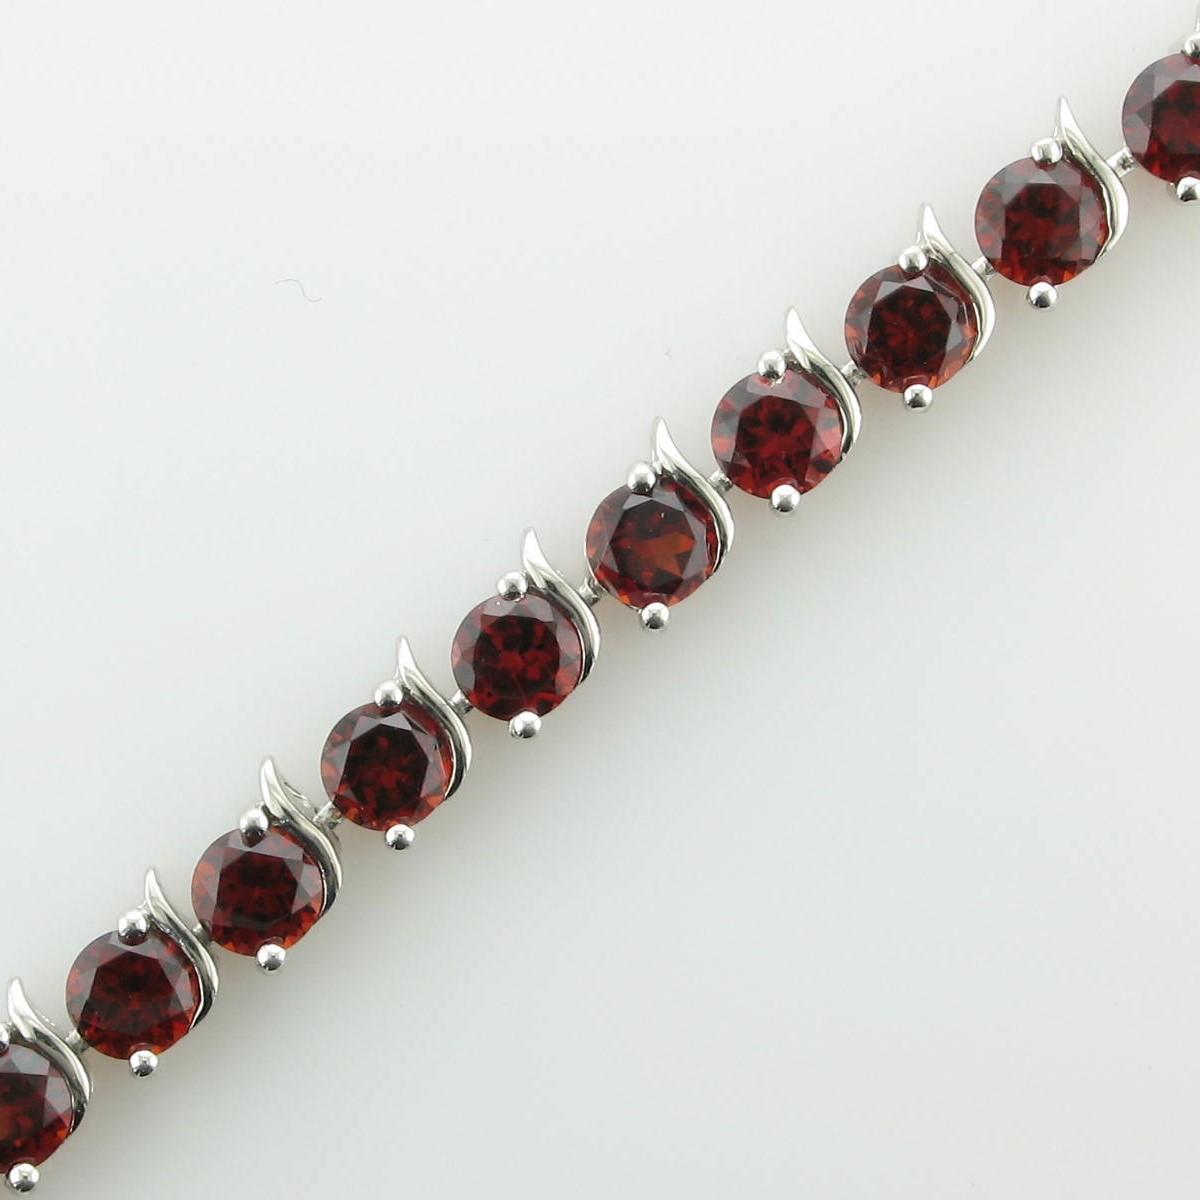 8.64tcw Garnet Bracelet set in Sterling Silver